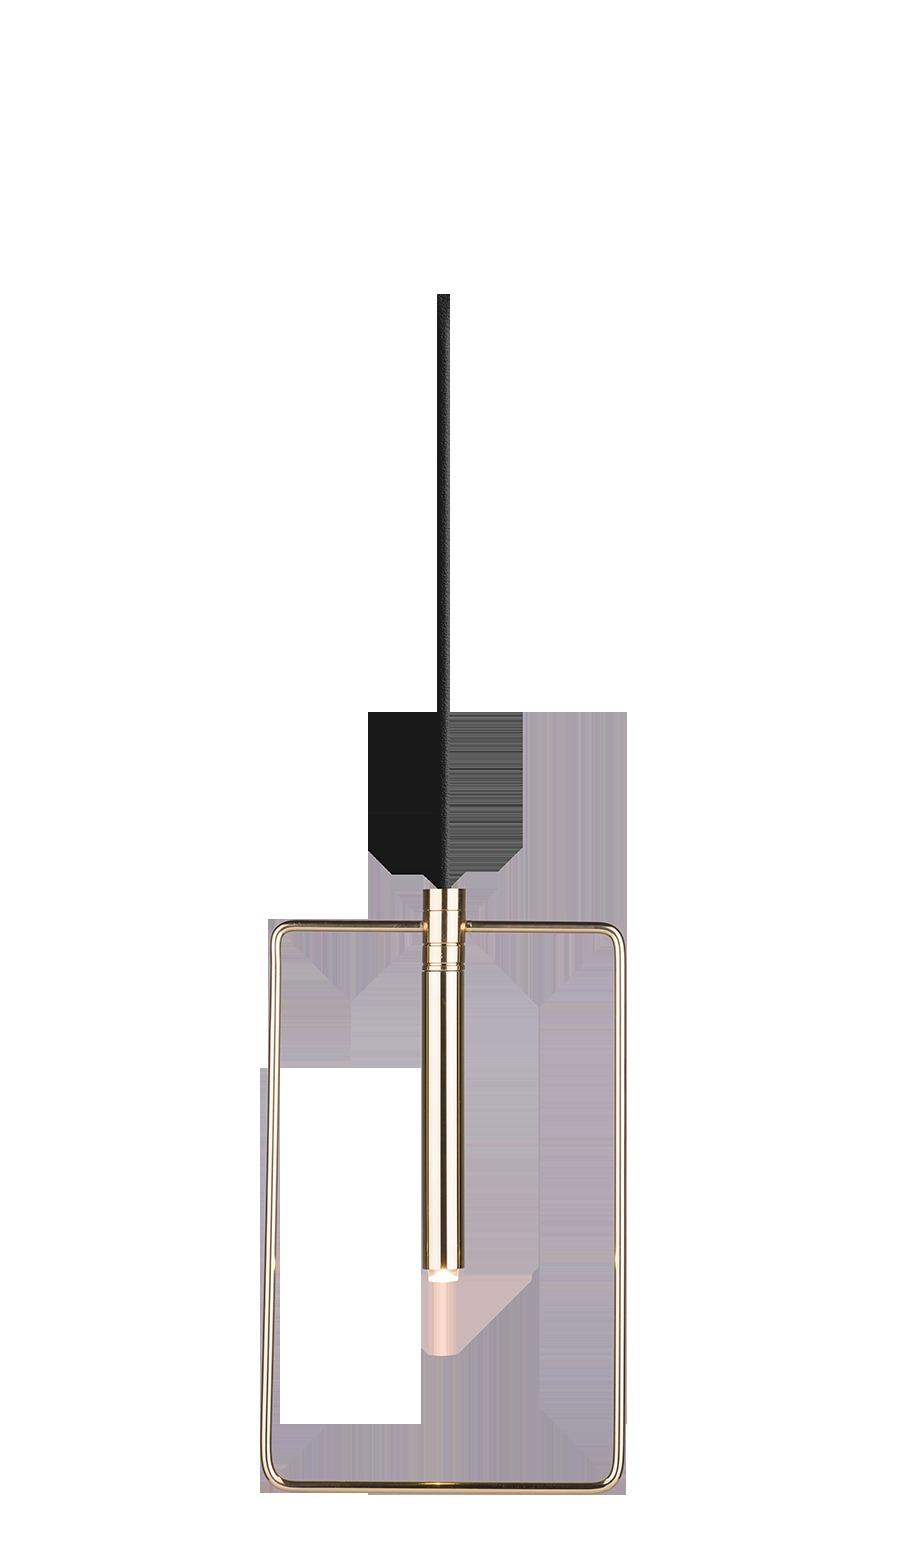 Lampa wisząca Faro 1 Złoty 0545 - Amplex // Rabaty w koszyku i darmowa dostawa od 299zł !